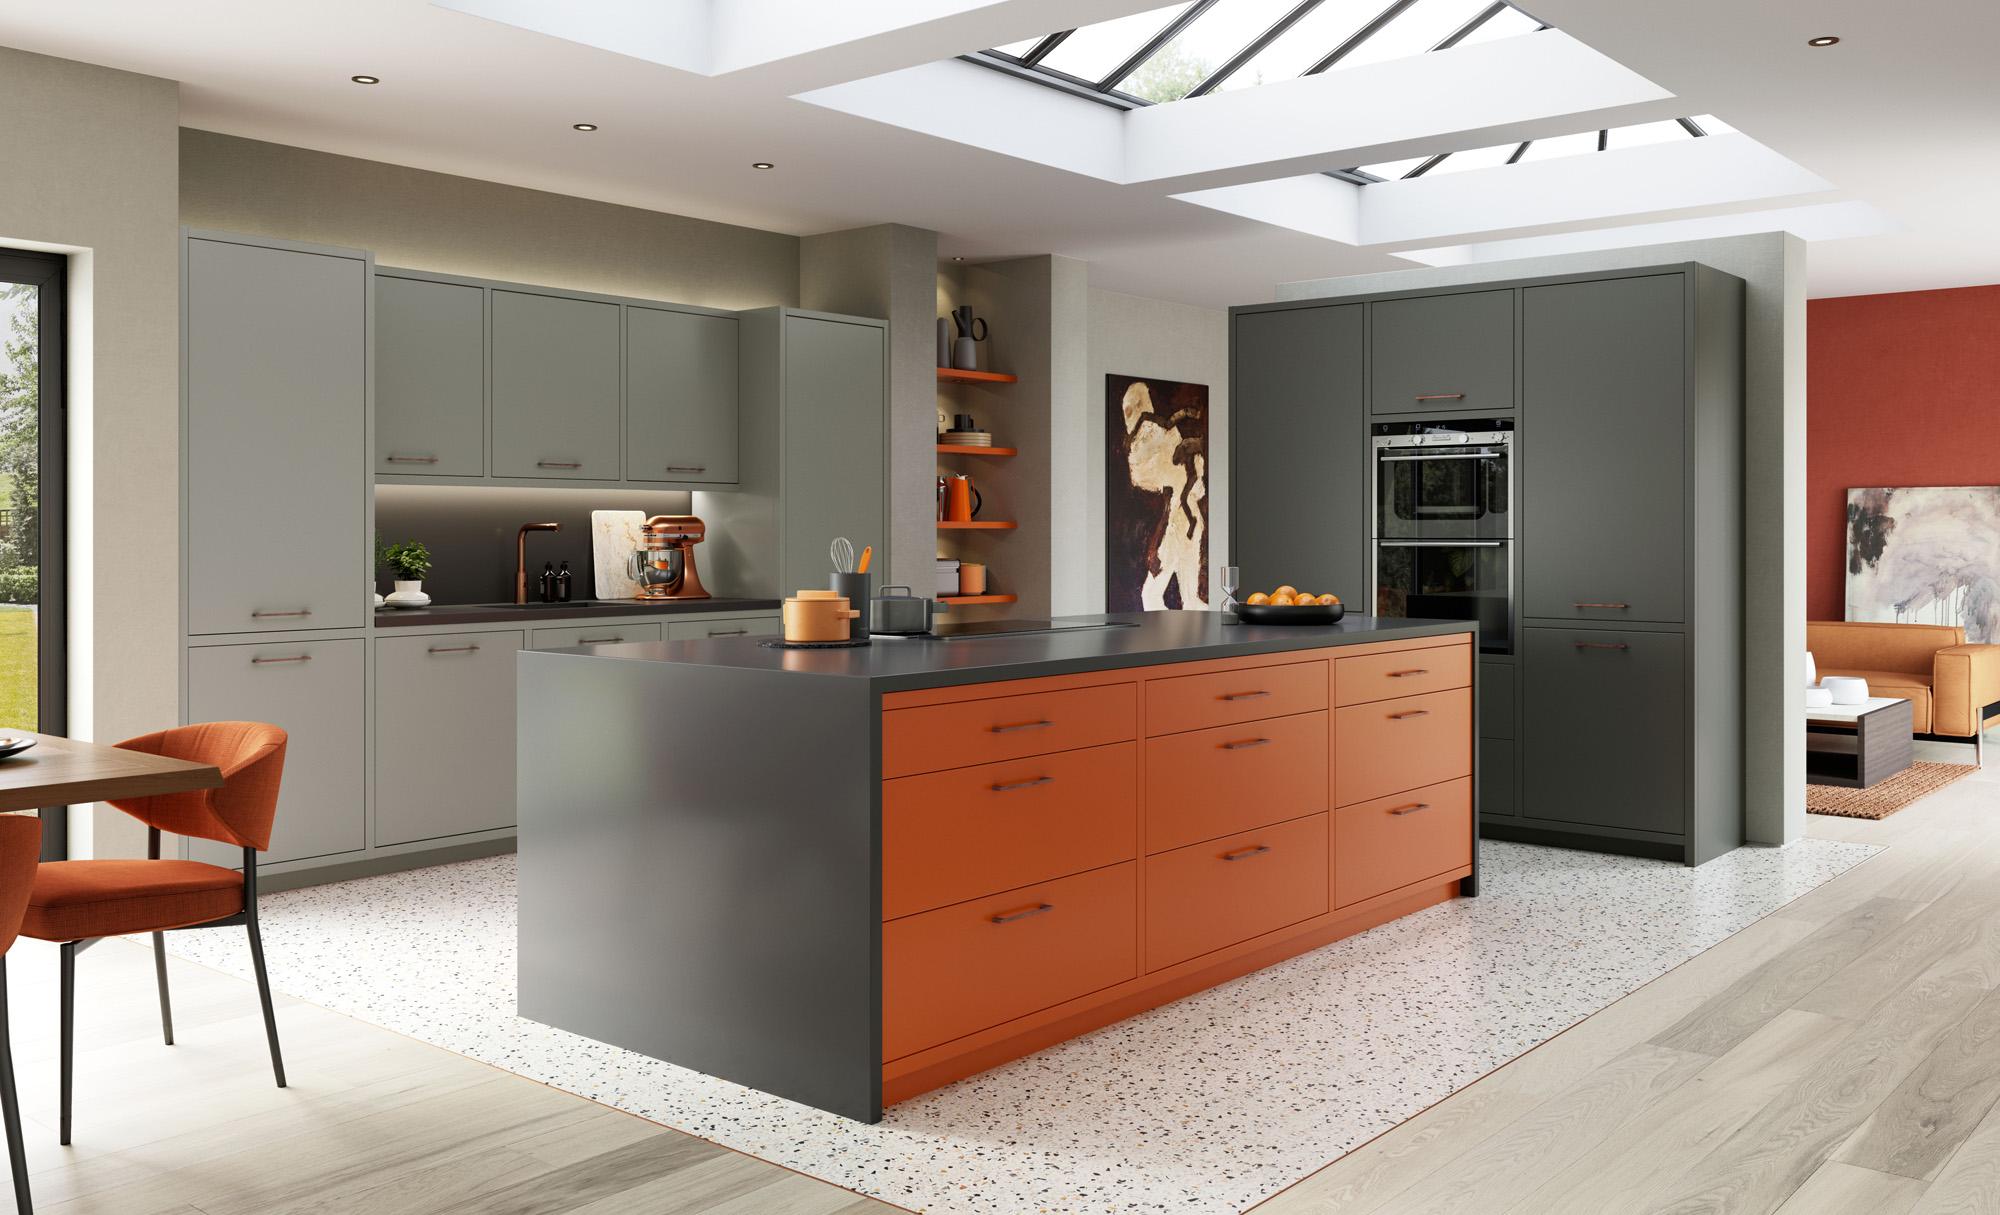 Modern Contemporary Zola Matte Zingy Orange, Graphite, Dust Grey Kitchen - Kitchen Design - Alan Kelly Kitchens - Waterford